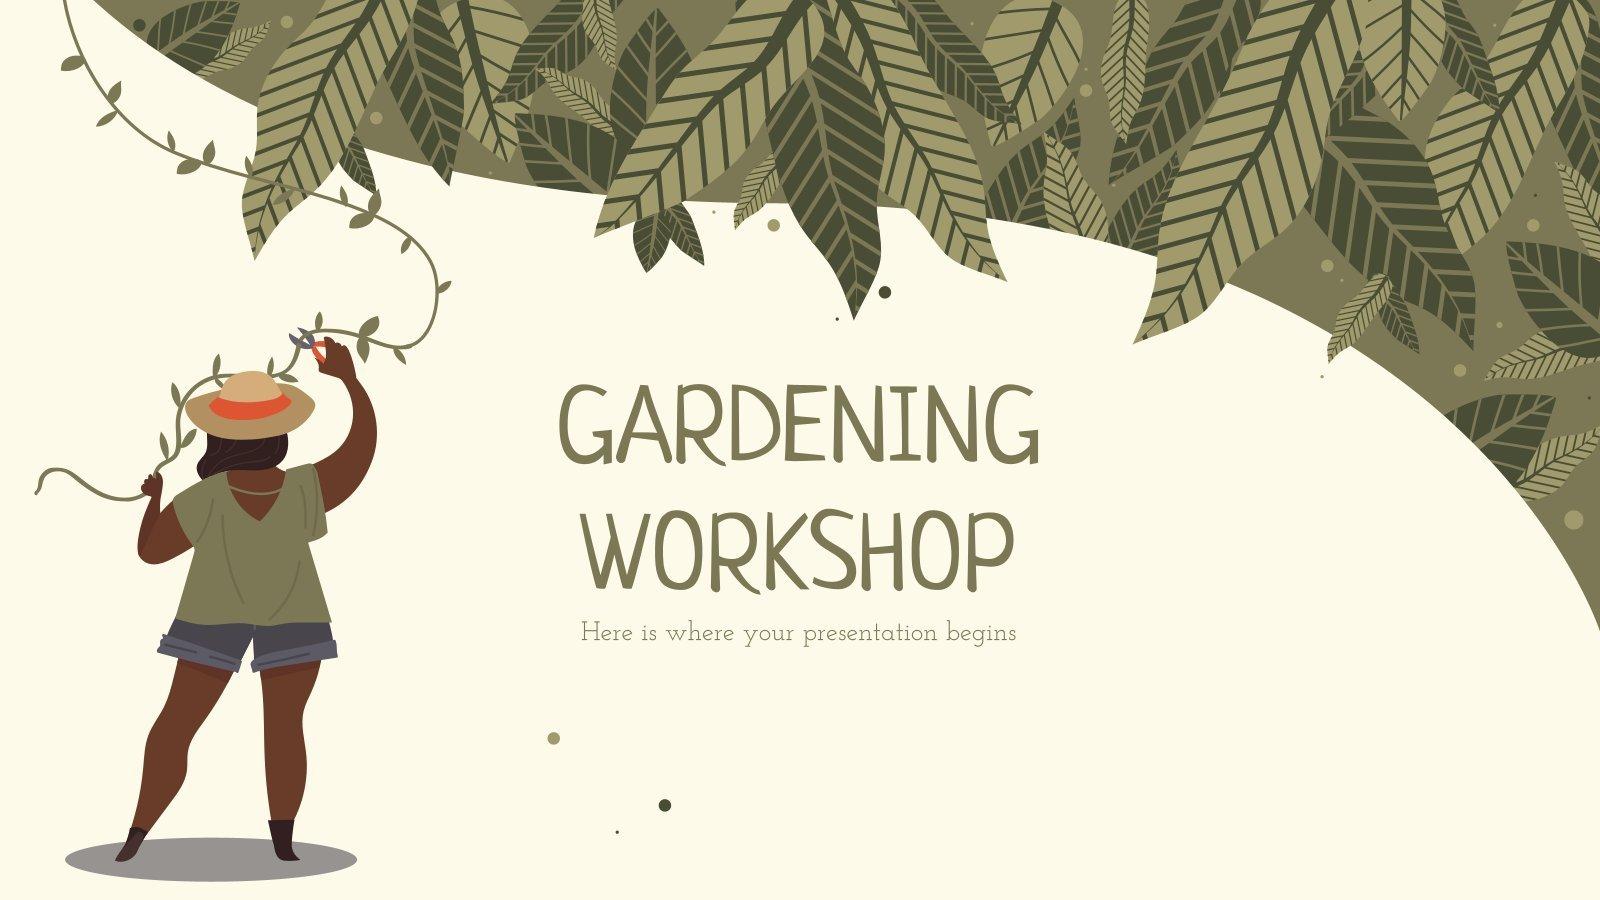 Gardening Workshop presentation template